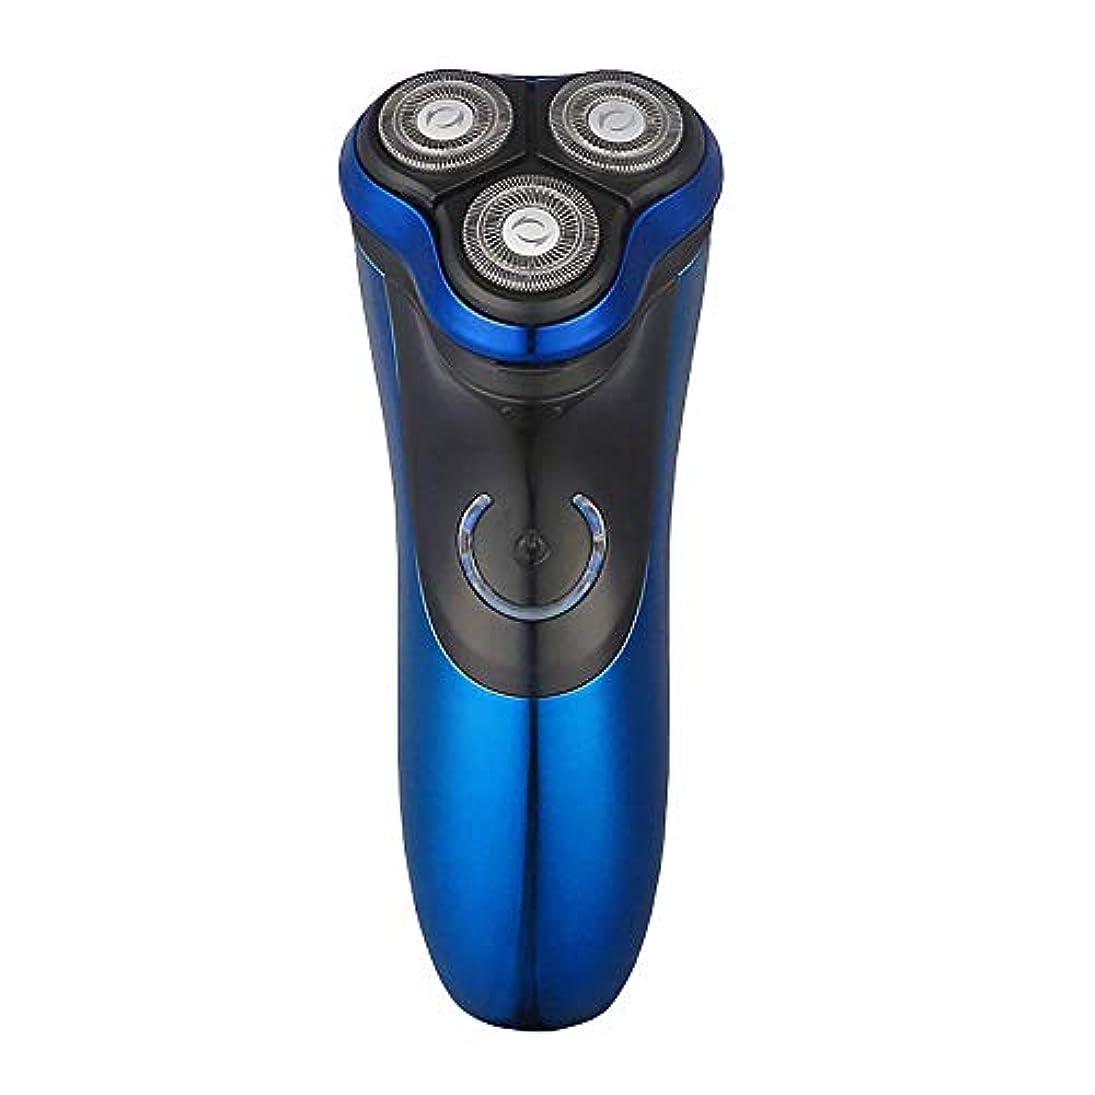 農業の思い出させる傭兵メンズロータリーシェーバーポップアップトリマー付き電気シェービングカミソリ3Dフローティングヘッドワイヤレス使用男性用シェービングマシン防水コードレス充電式